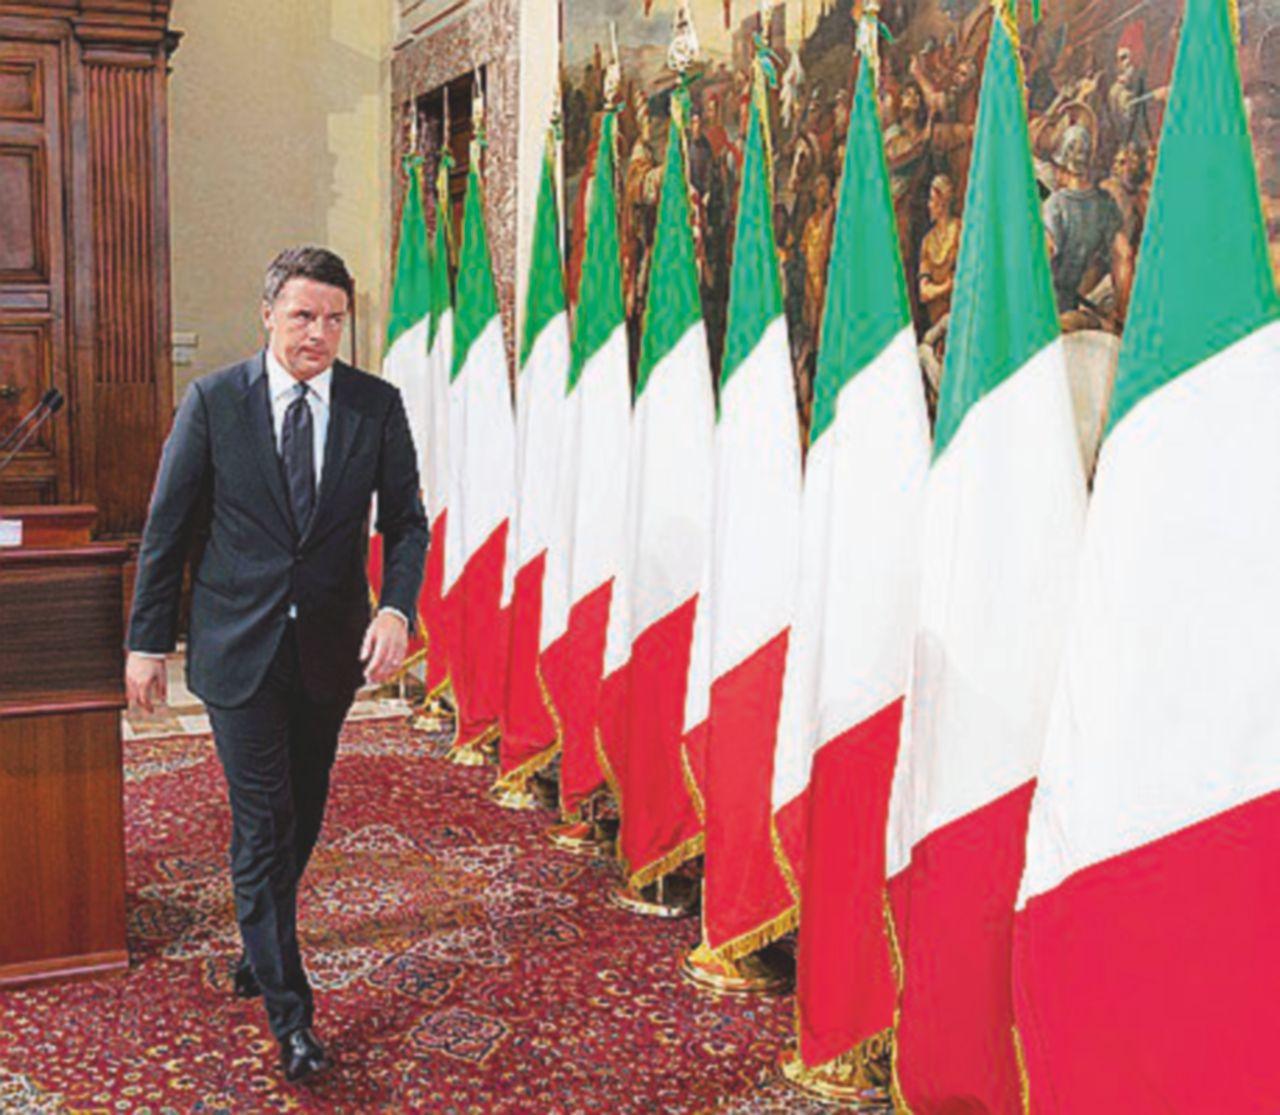 """Prodi e le bandiere """"scomparse"""": """"Metta almeno quella col Giglio…"""""""